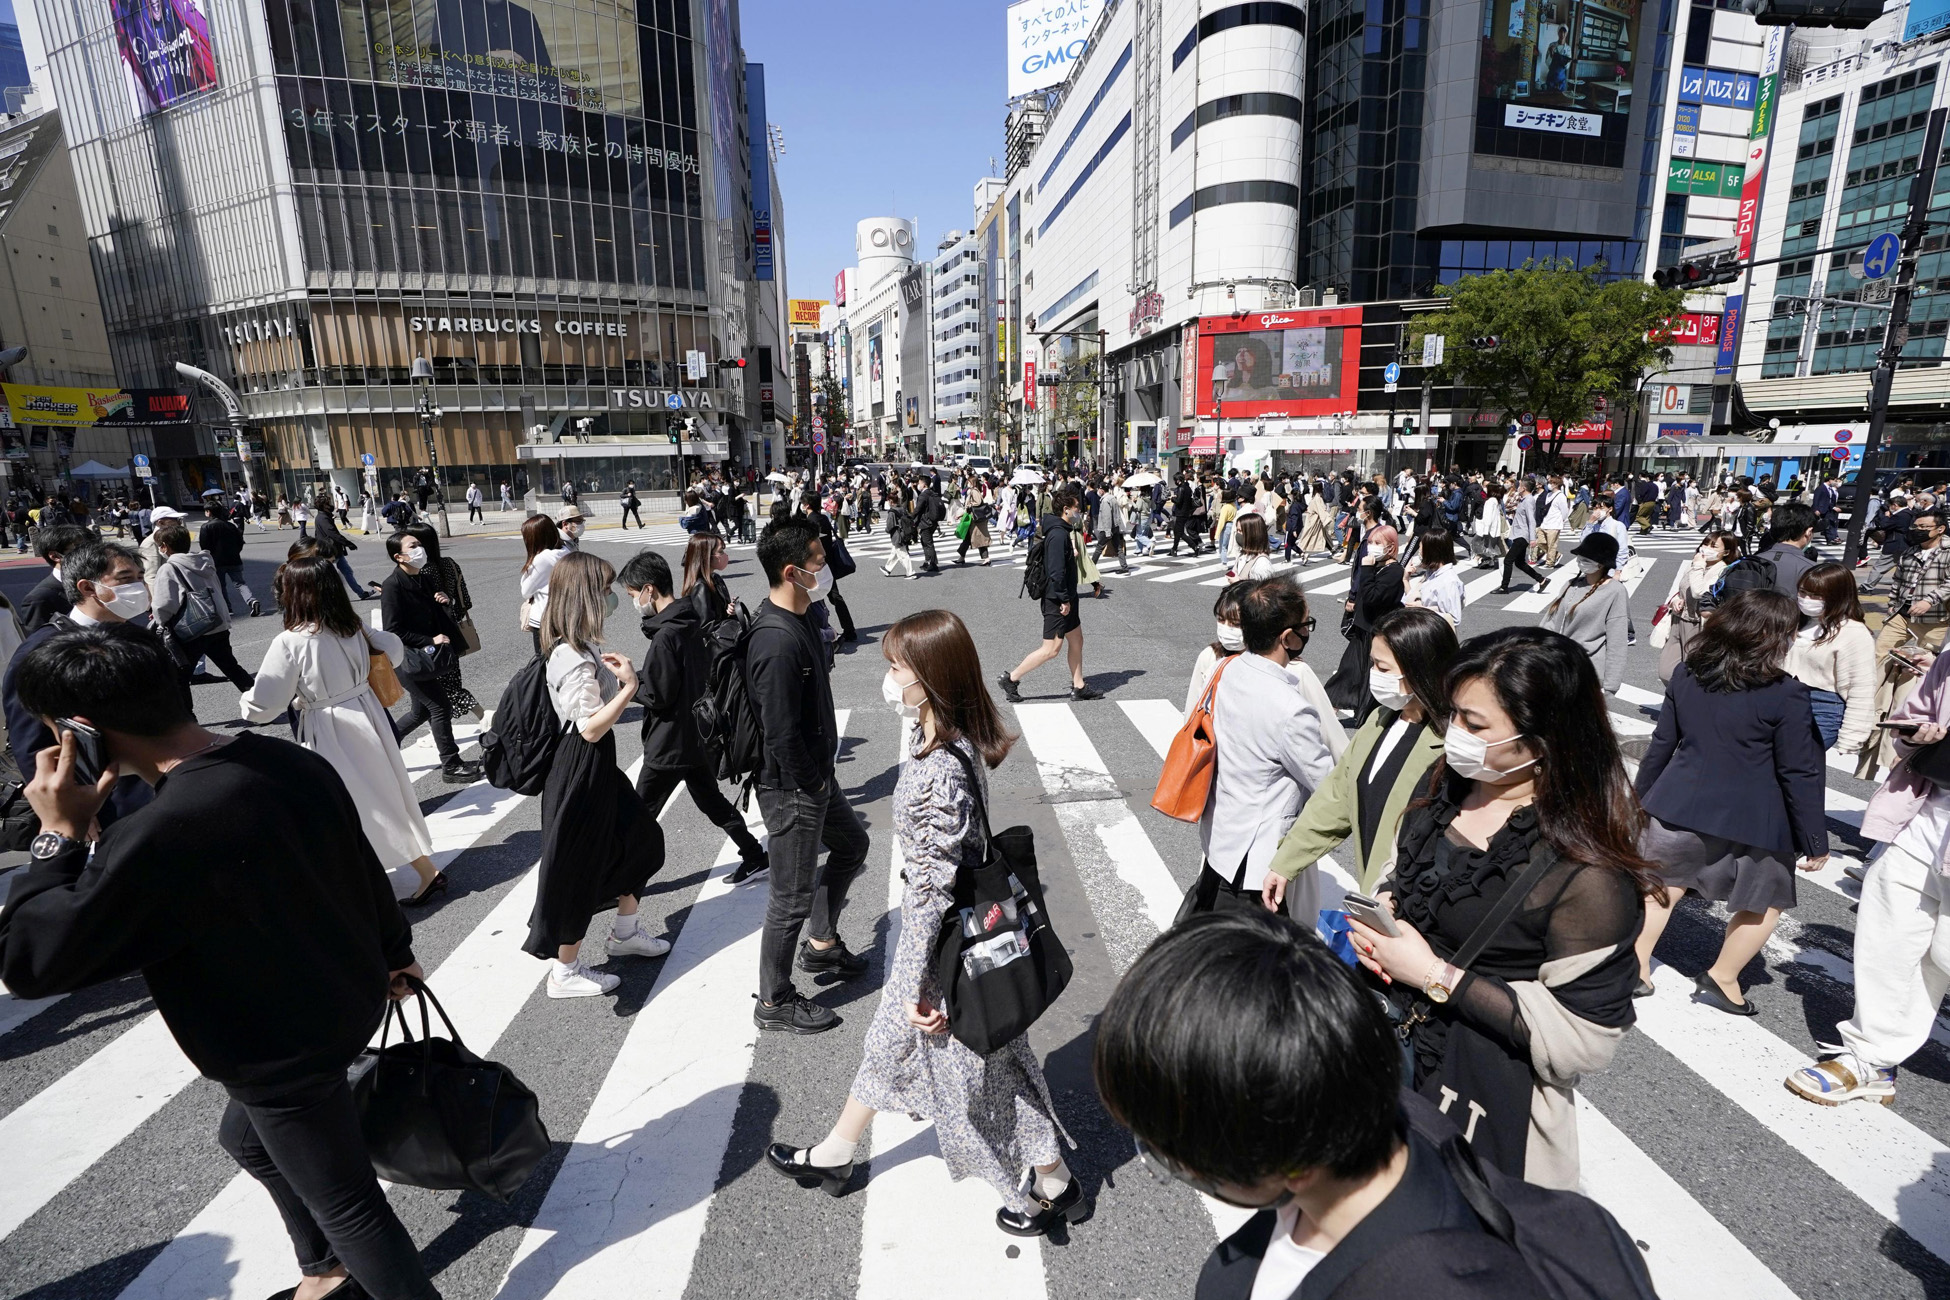 Ιαπωνία – κορονοϊός: Σε κατάσταση έκτακτης ανάγκης το Τόκιο και άλλες τρεις περιοχές